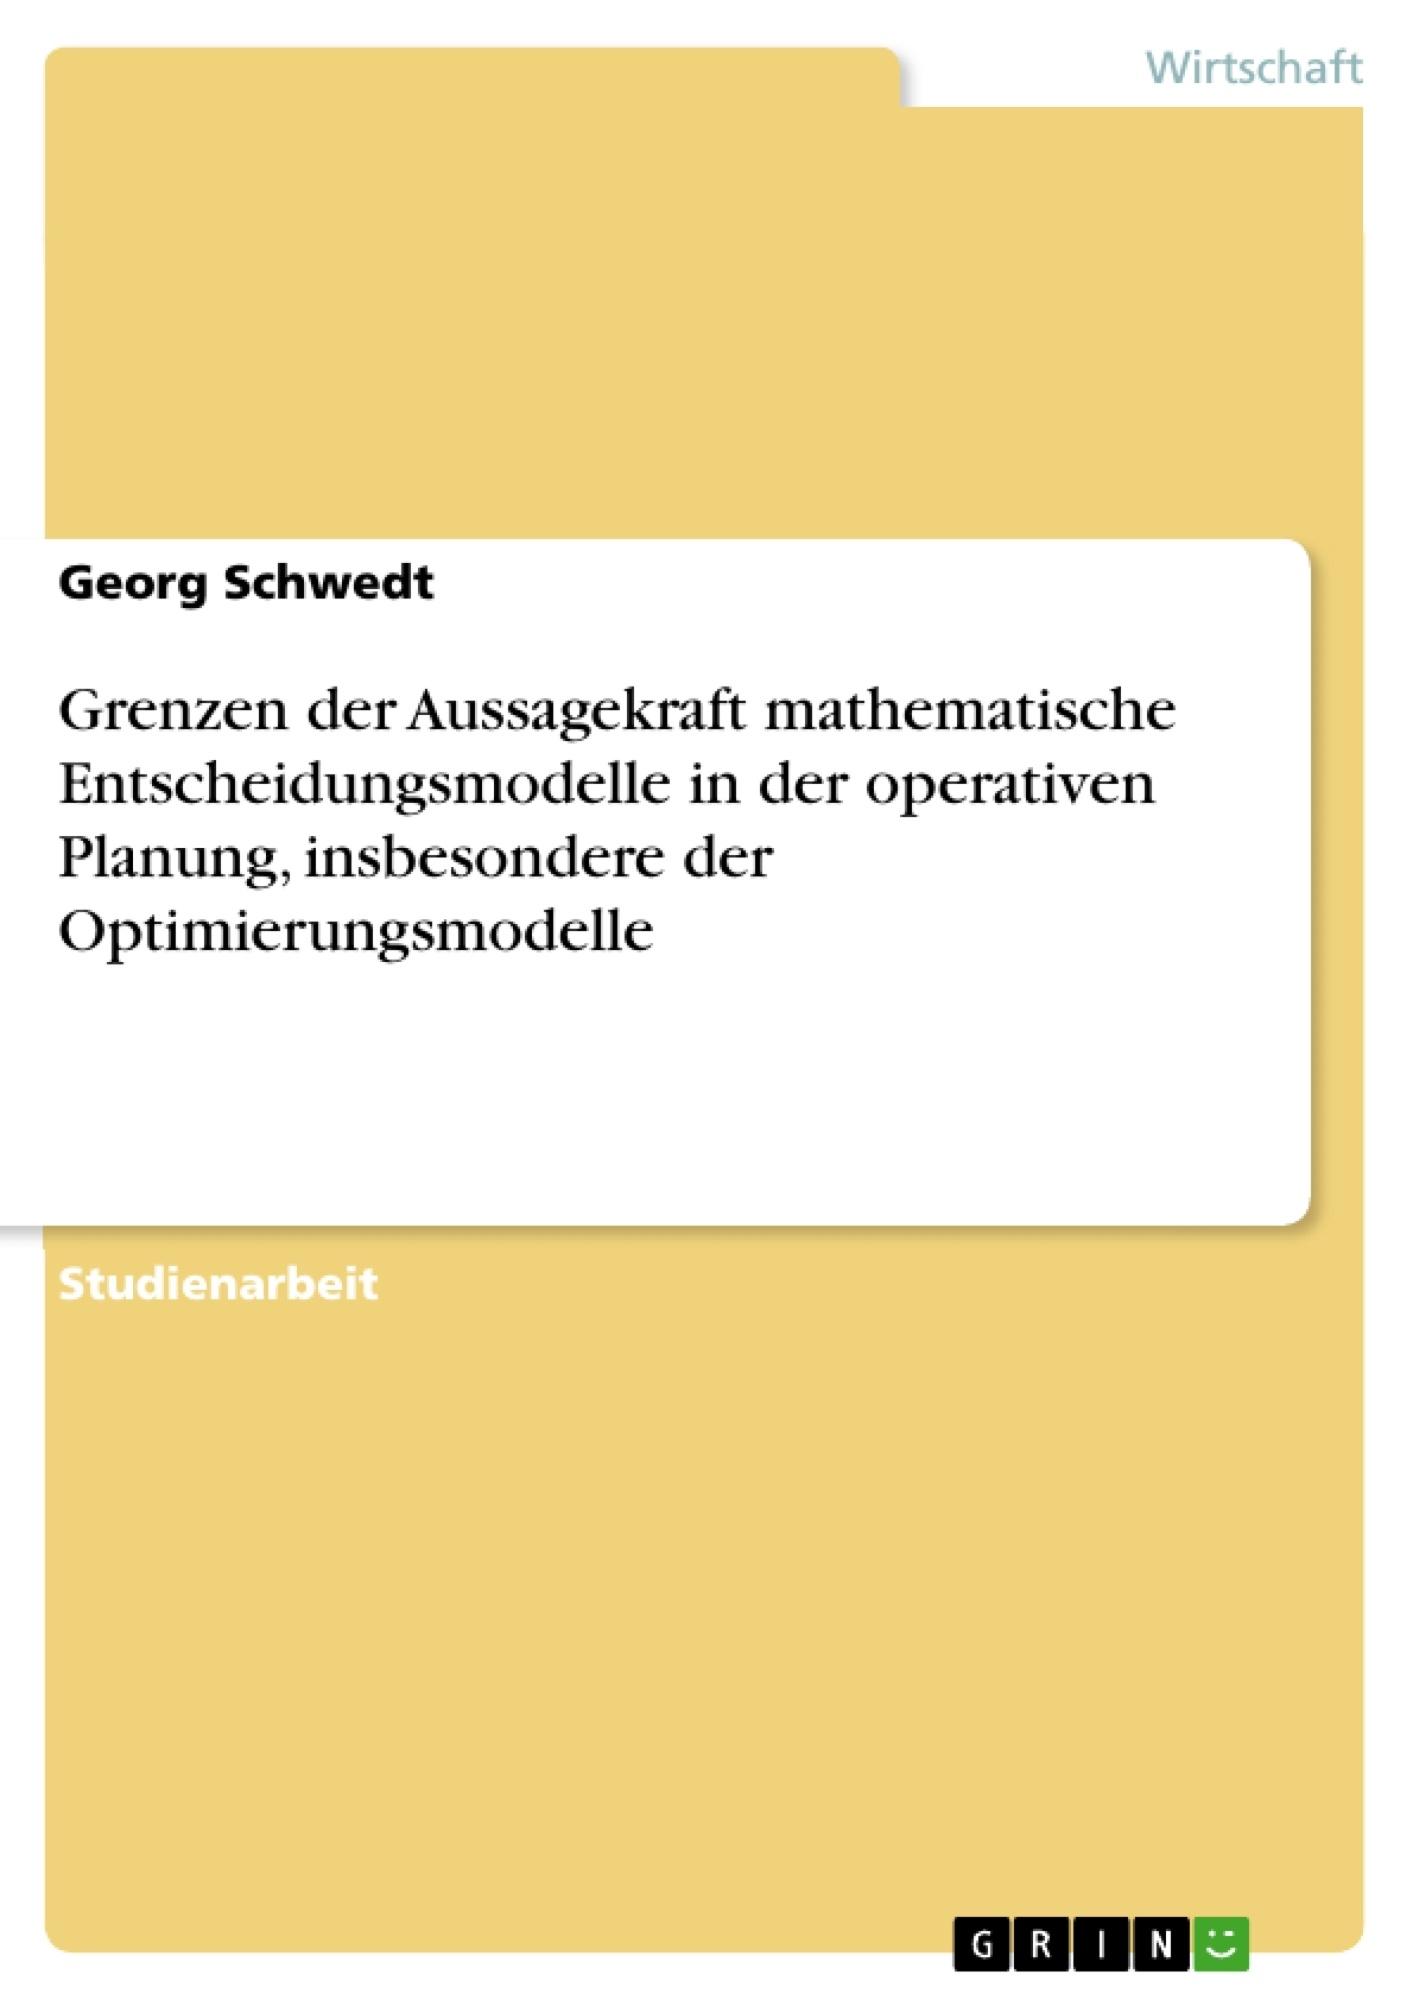 Titel: Grenzen der Aussagekraft mathematische Entscheidungsmodelle in der operativen Planung, insbesondere der Optimierungsmodelle